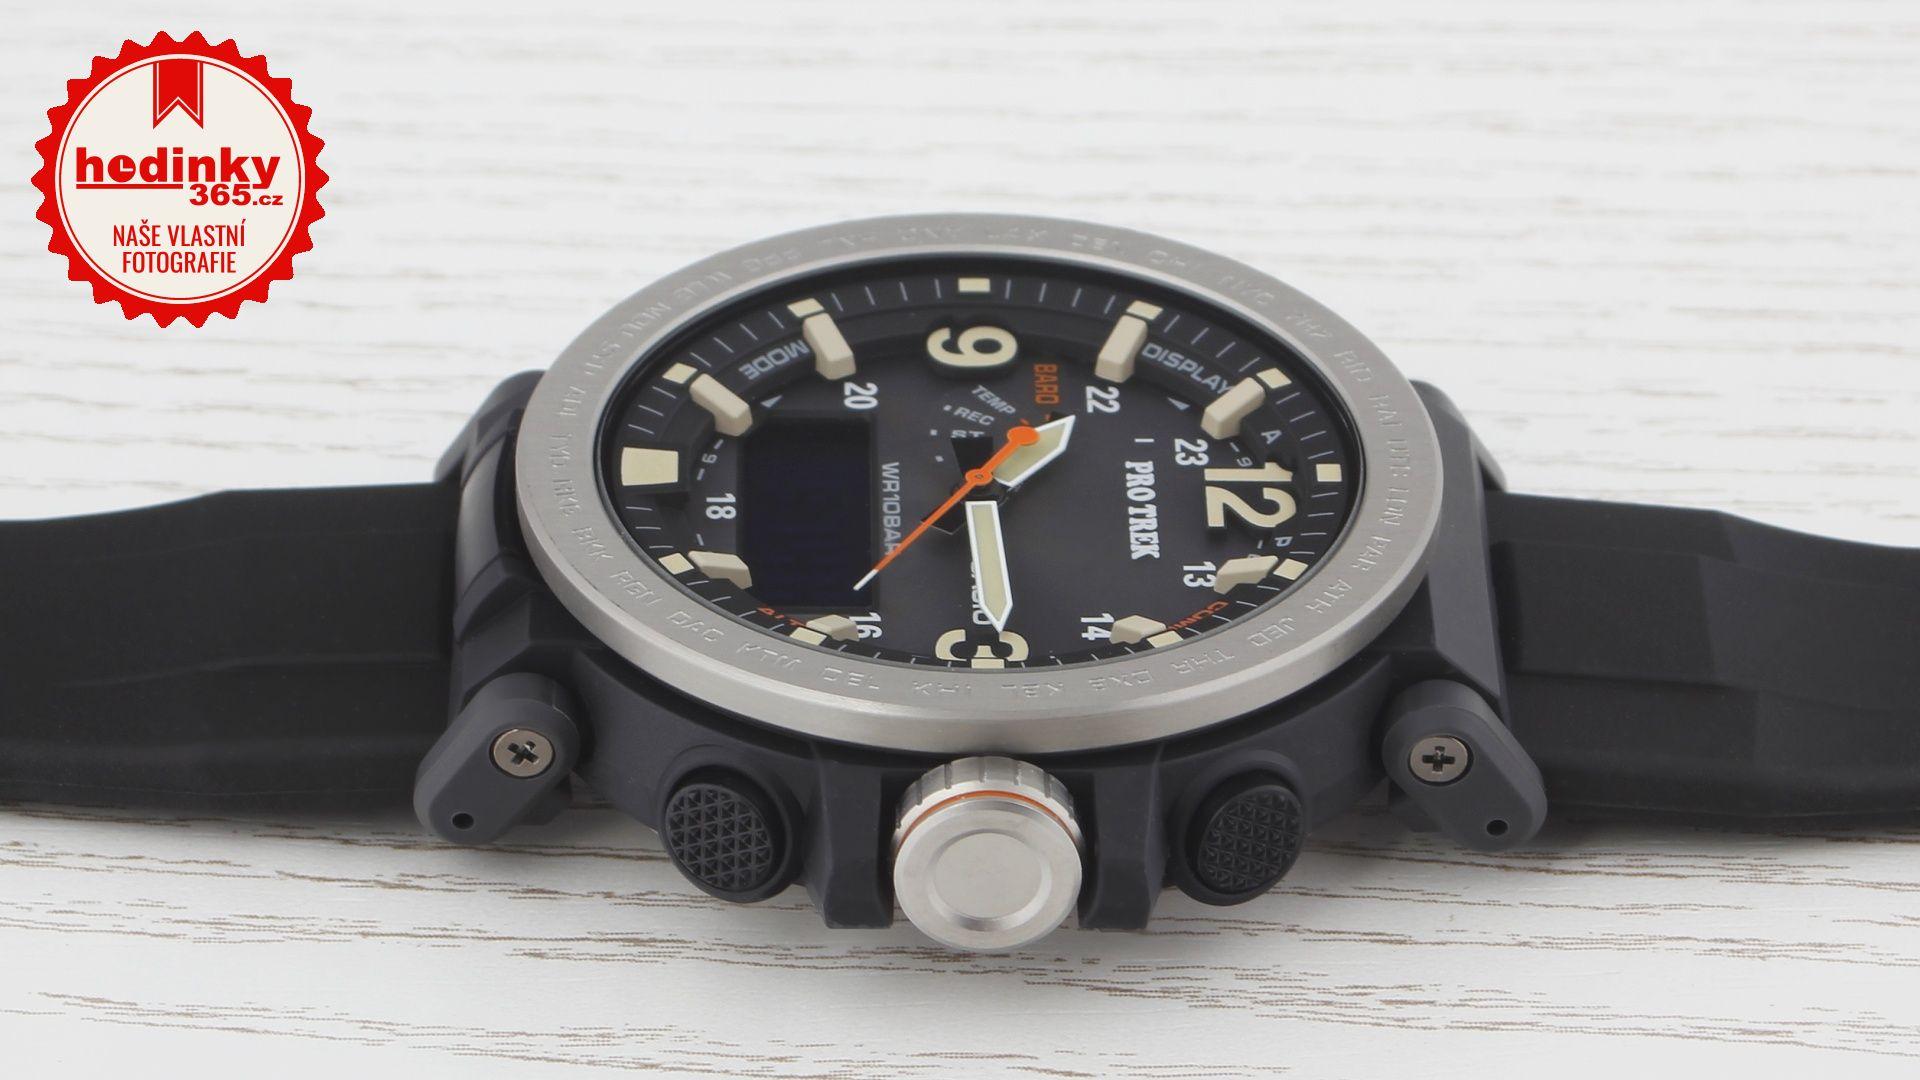 393dcbc20 Casio Protrek PRG-600-1ER. Pánské hodinky - pryskyřicový řemínek,  pryskyřice pouzdro, minerální sklíčko. Veškeré technické parametry  naleznete níže